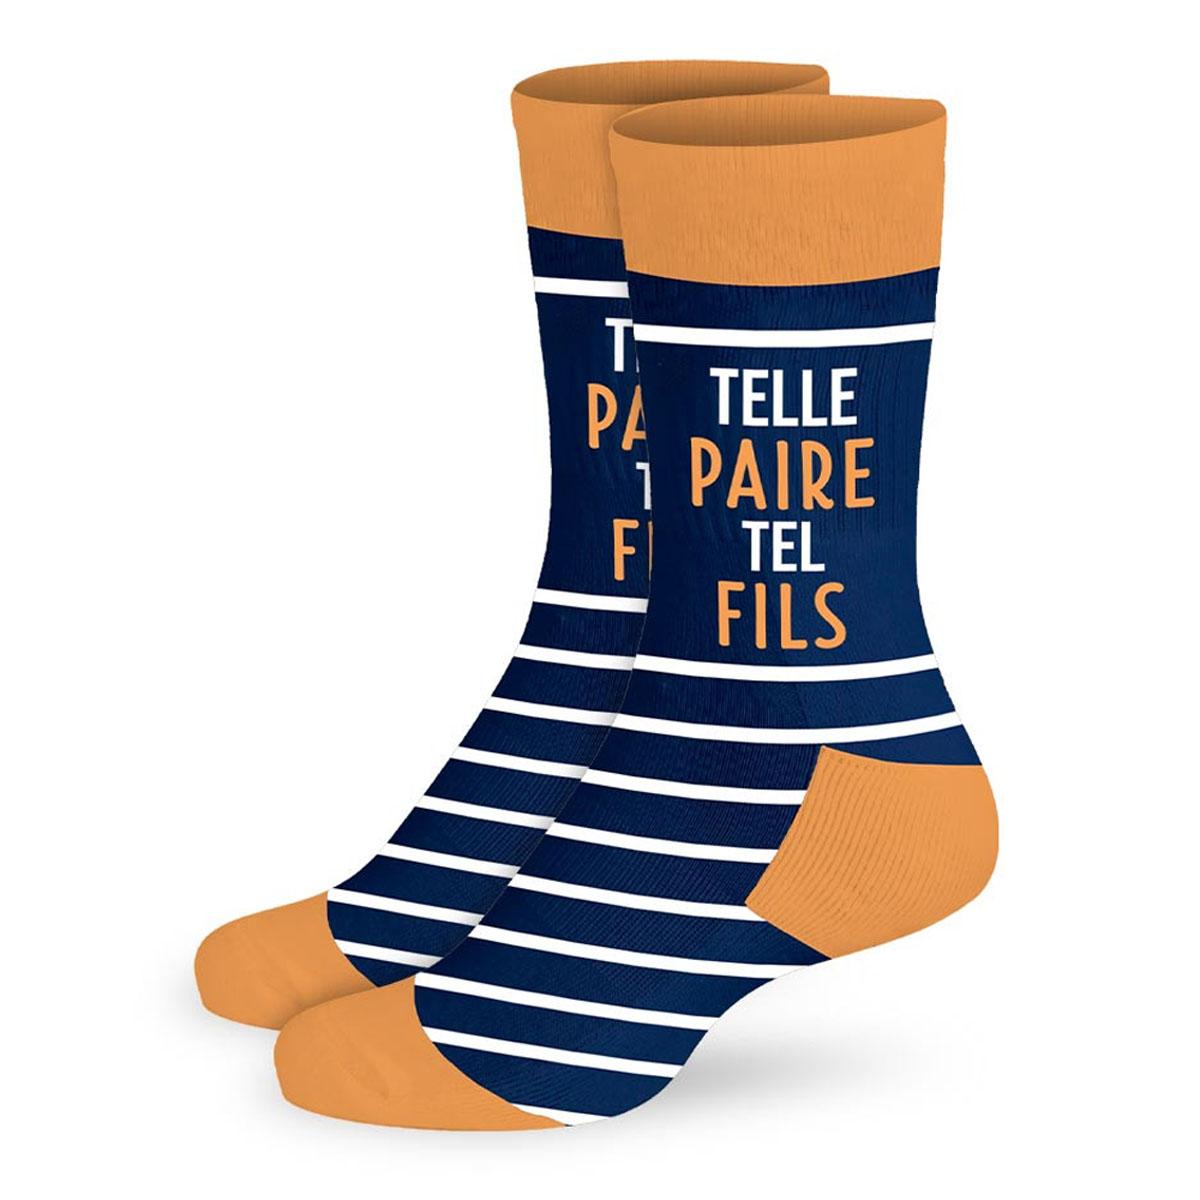 Chaussettes coton tendresse \'Telle Paire Tel Fils\' bleu (papa) - taille unique - [A2703]